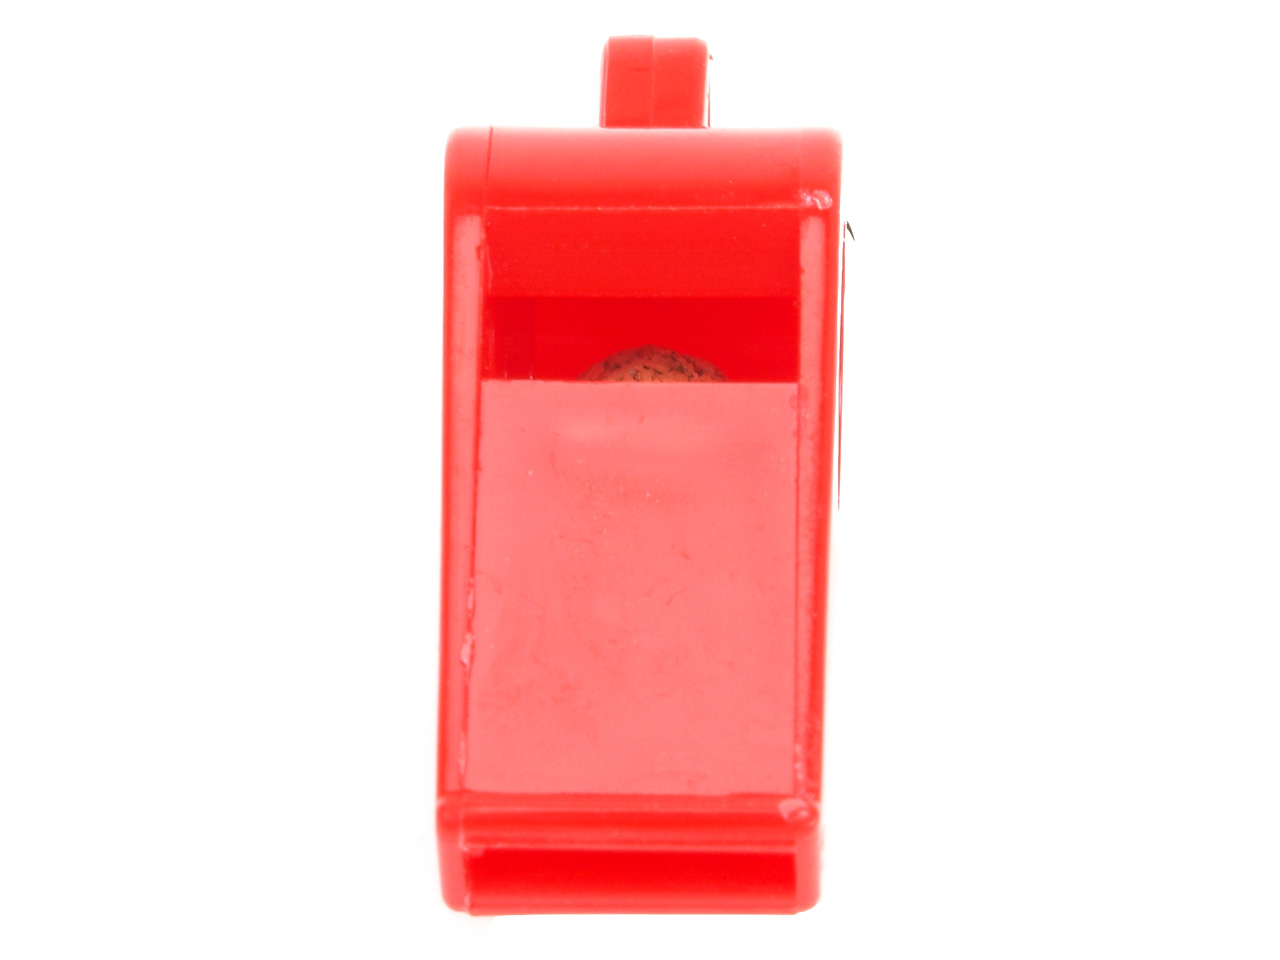 Fischietto-Arbitro-Tremblay-Fischietto-Plastica-Rosso-Rosso-80012-Nuovo miniatura 5